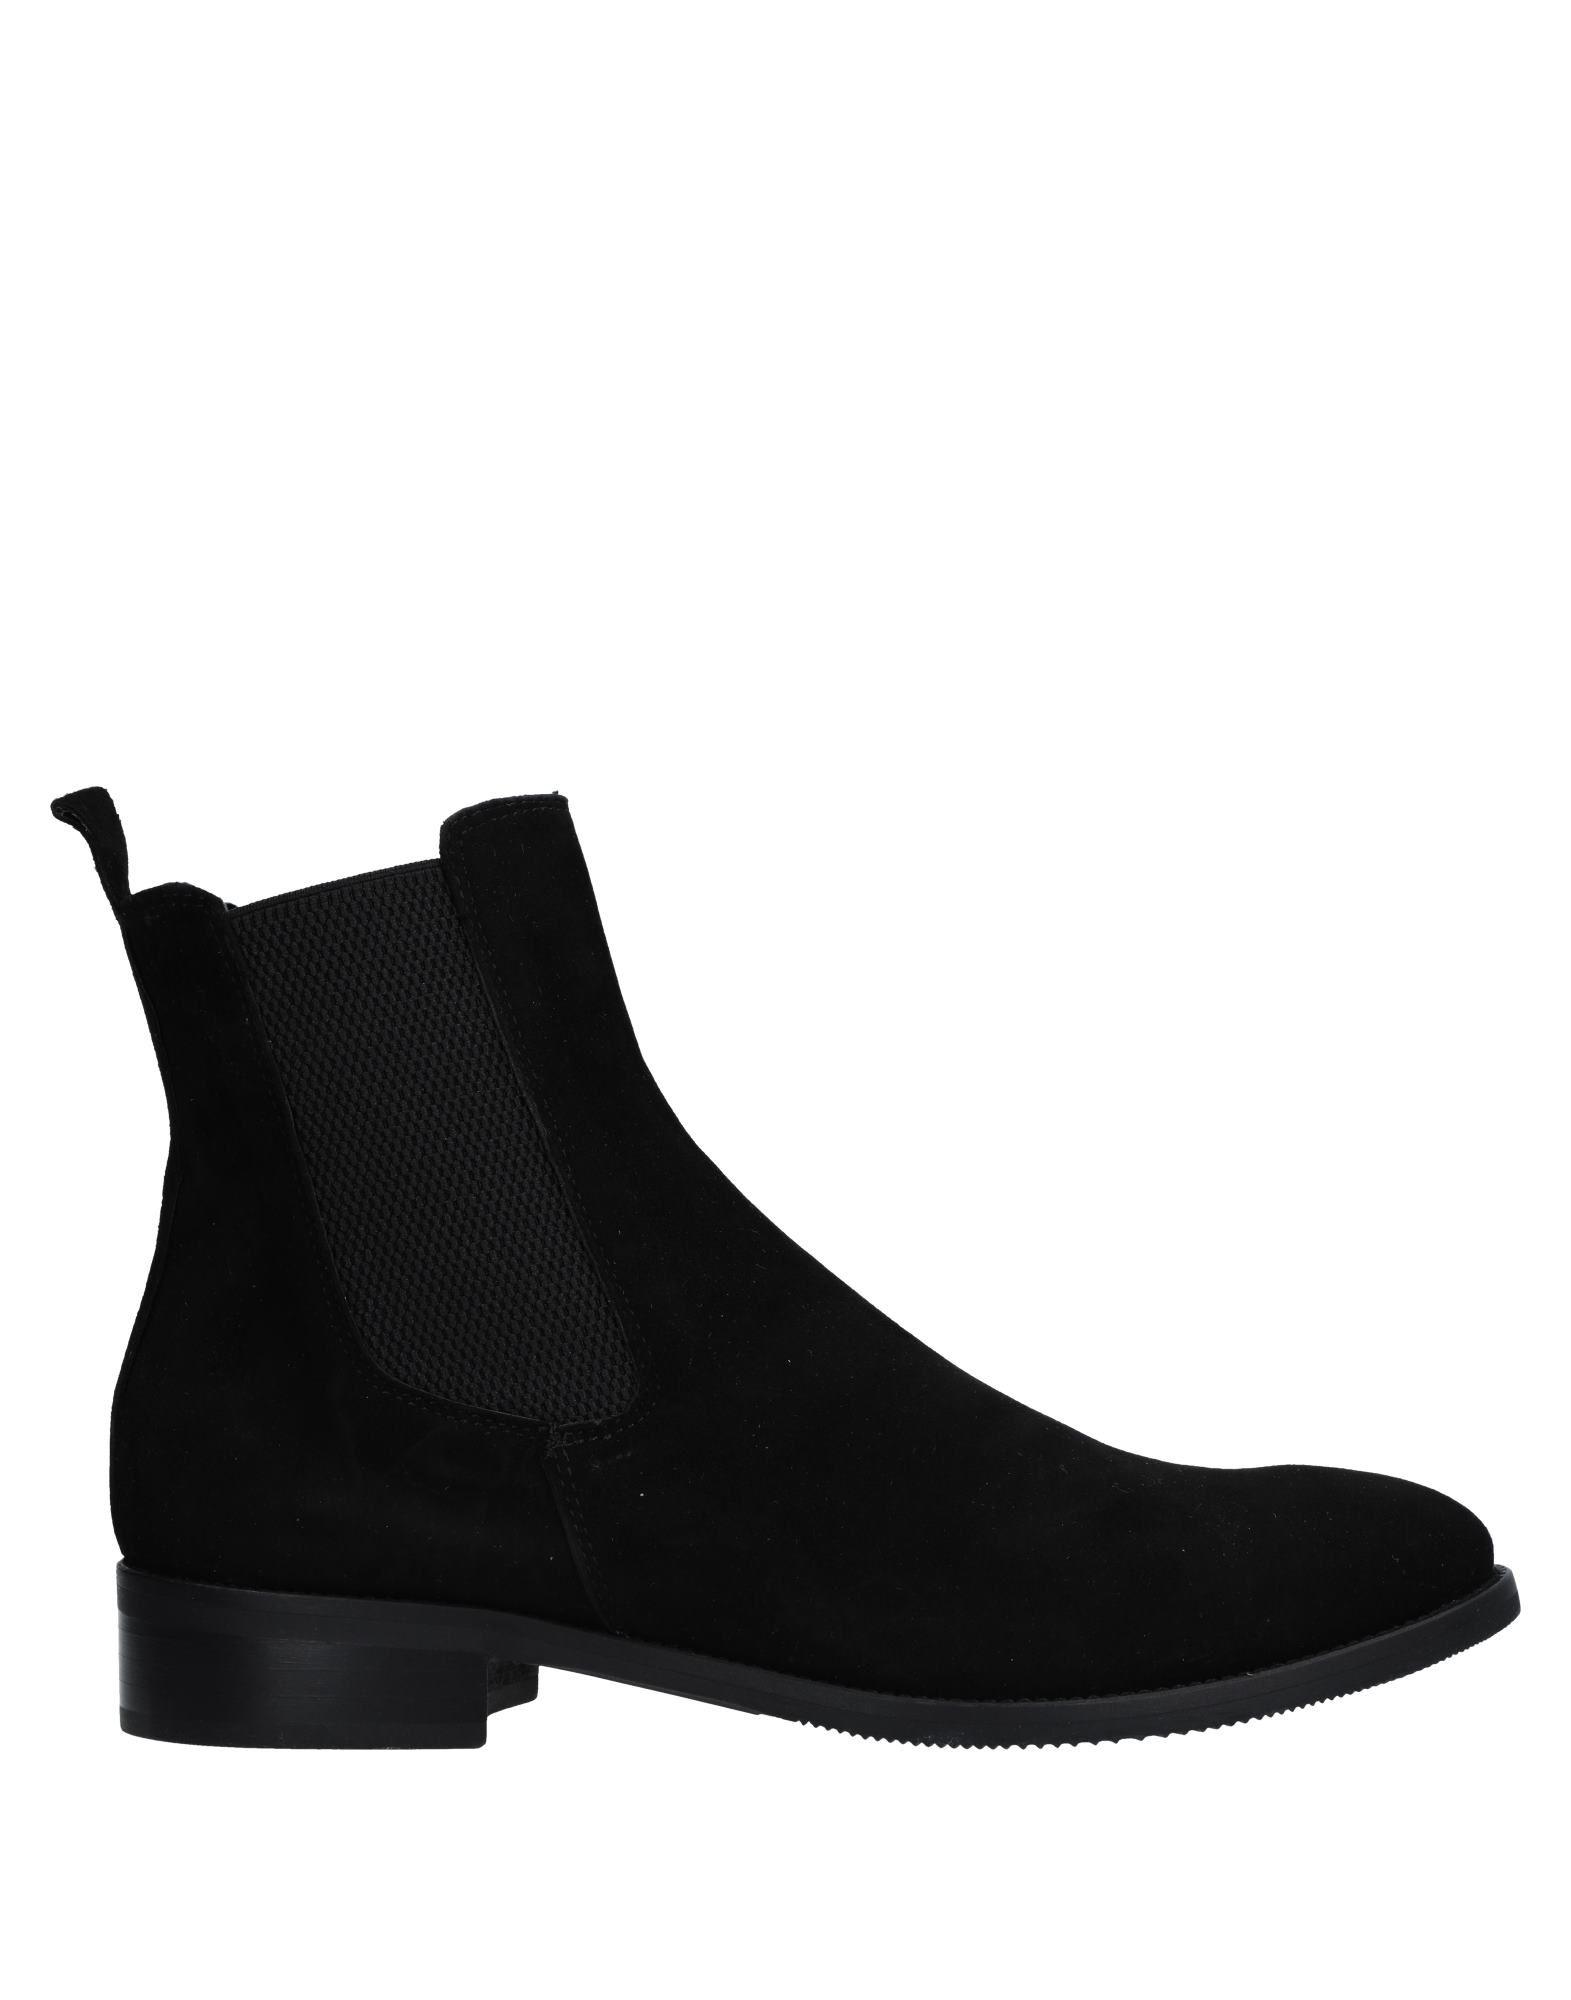 Chelsea Boots Andrea Morando Donna - 11525150XC